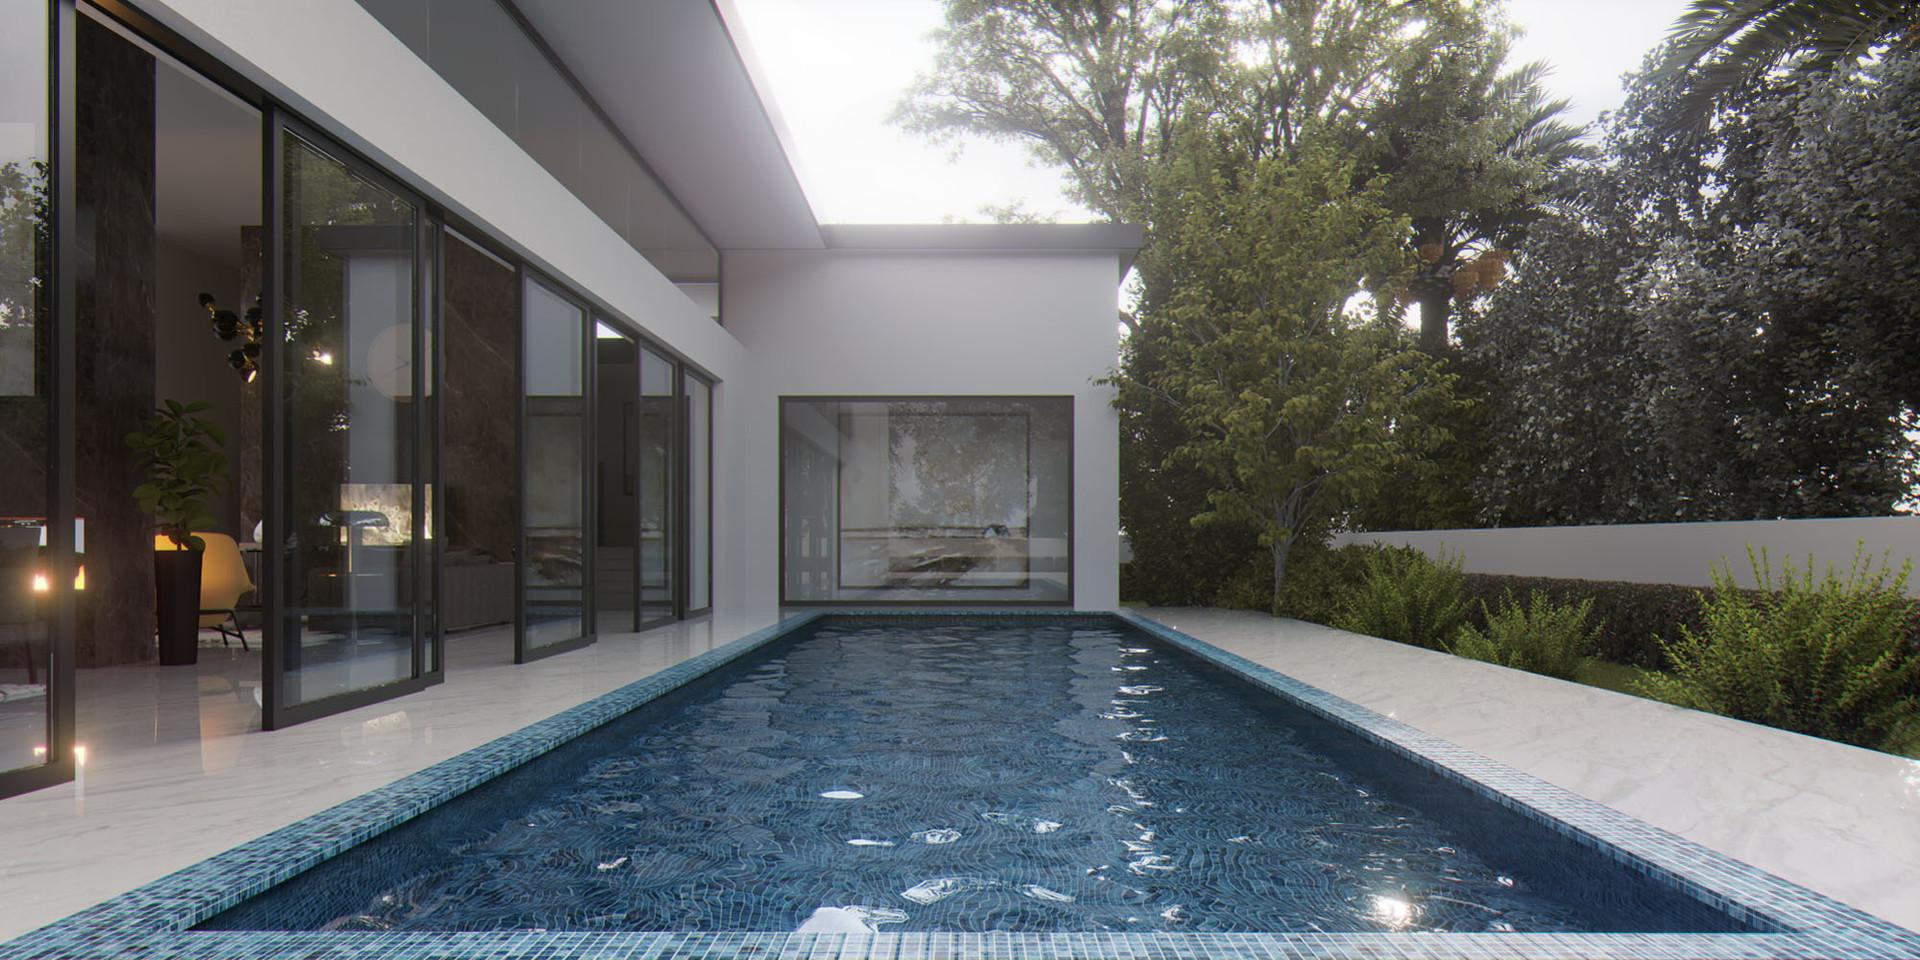 3D_renders_exteriors_house02_7.jpg